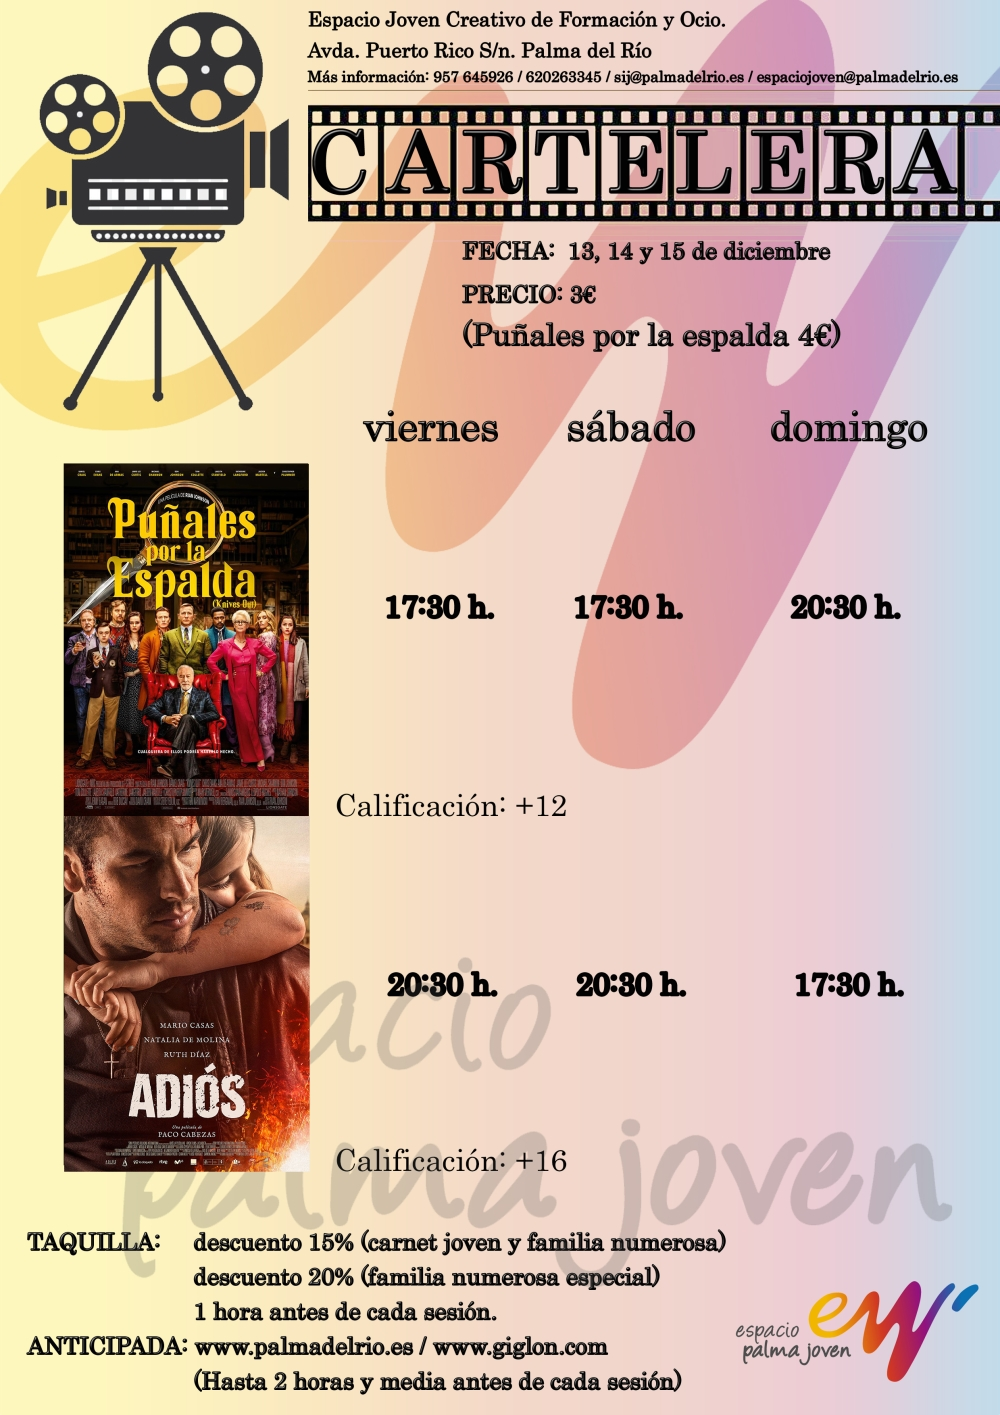 https://www.palmadelrio.es/sites/default/files/horario_cine_13_14_y_15_dic.jpg